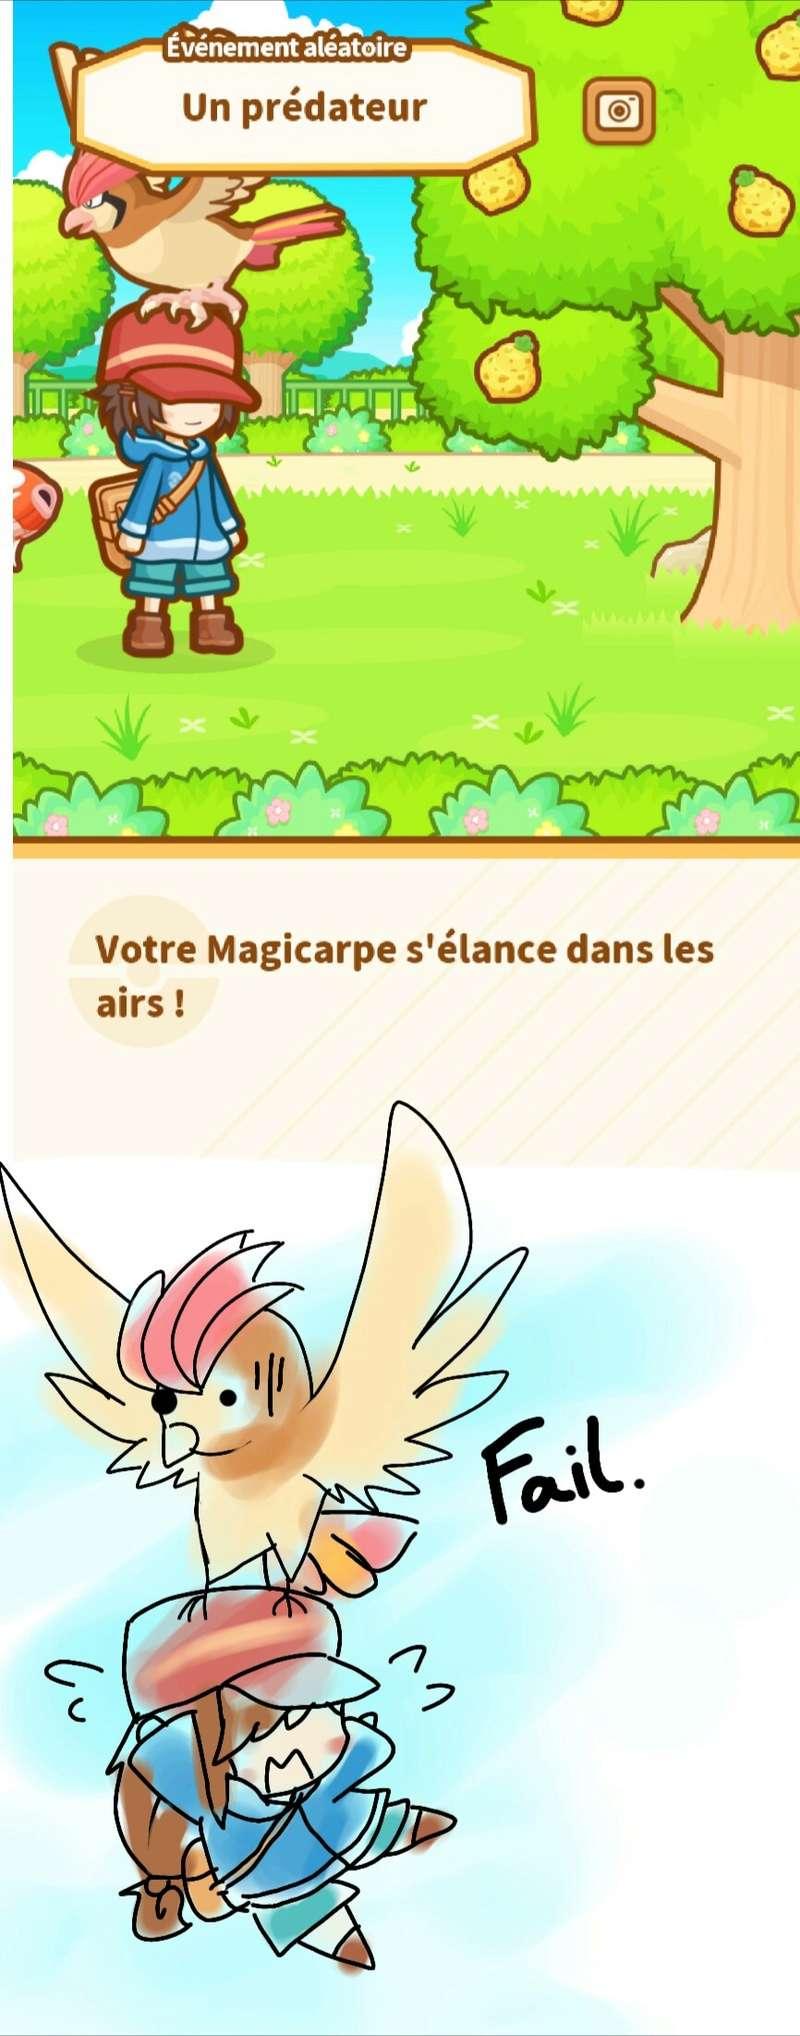 Galerie d'un p'tit chat! - Page 6 Img_2021